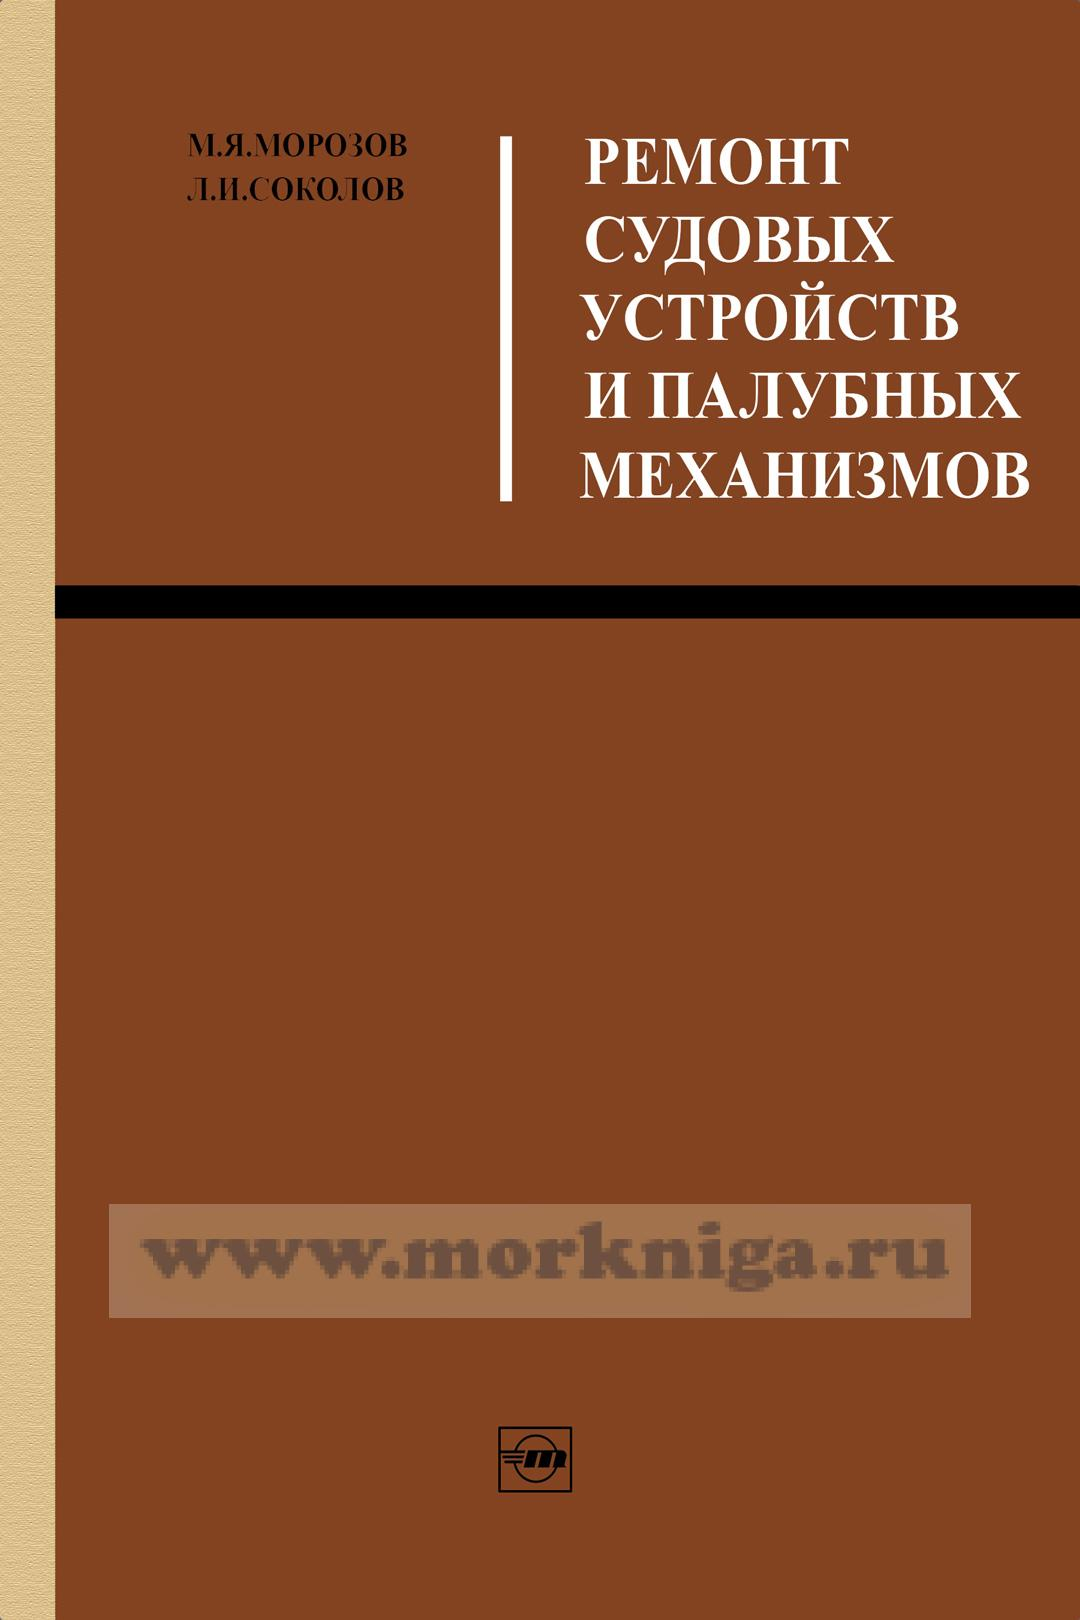 Ремонт судовых устройств и палубных механизмов